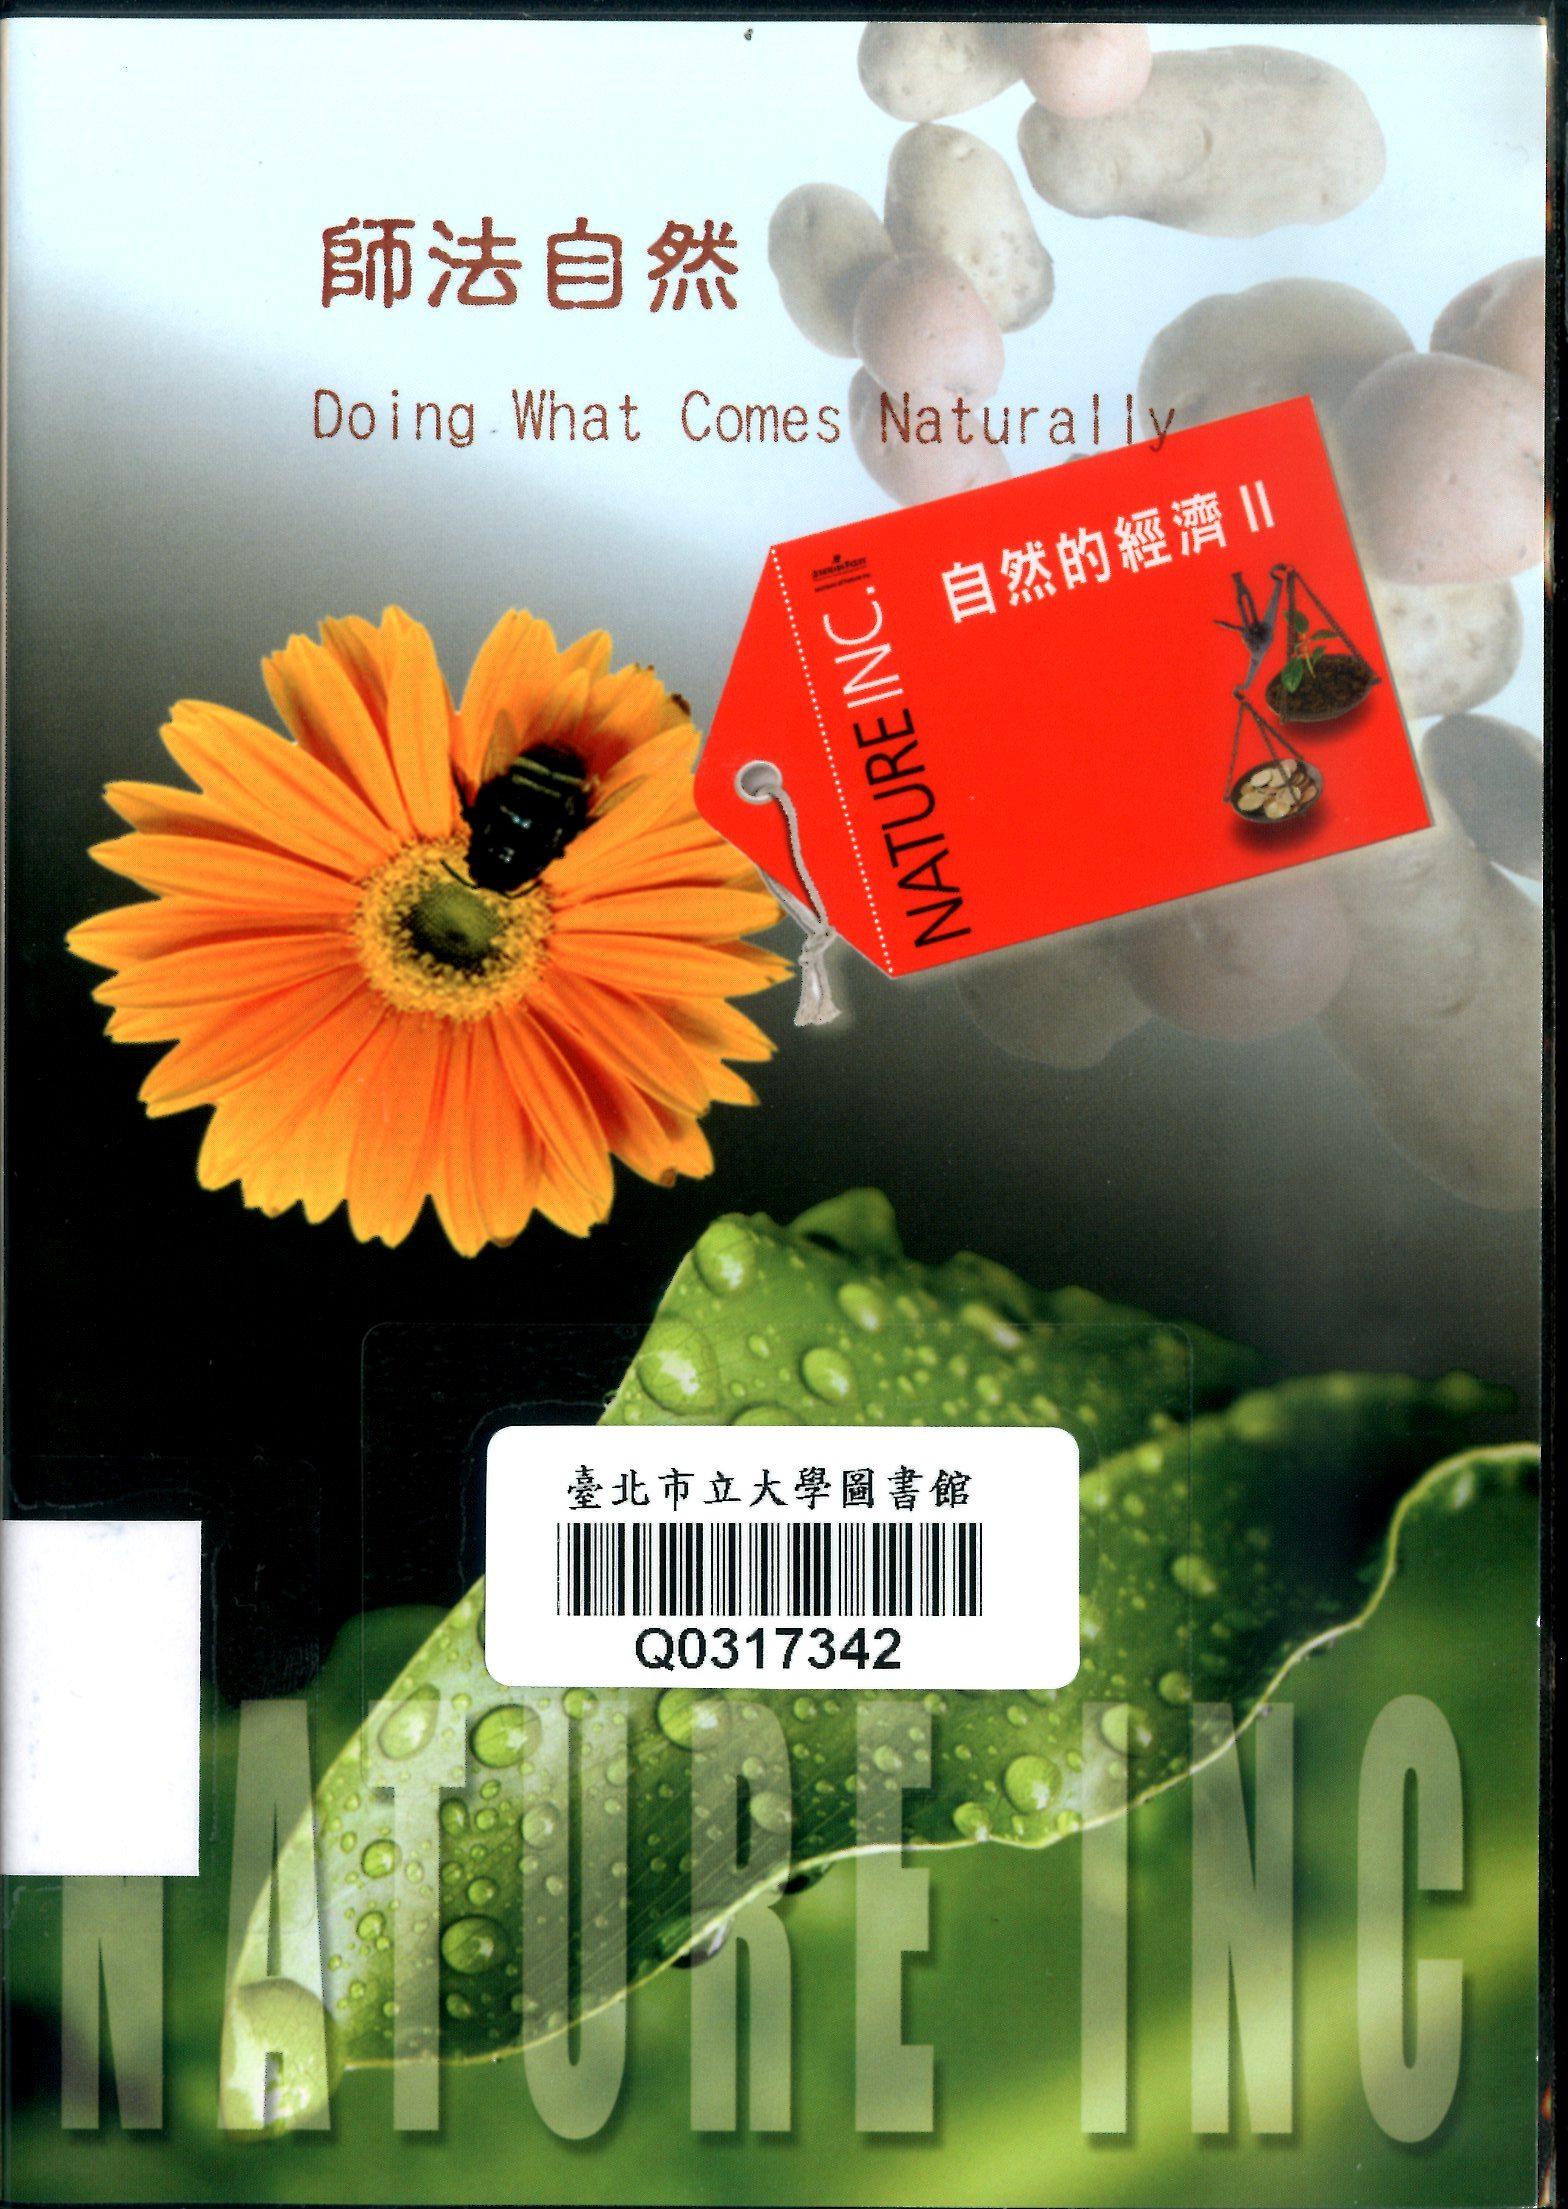 自然的經濟. Nature Inc.